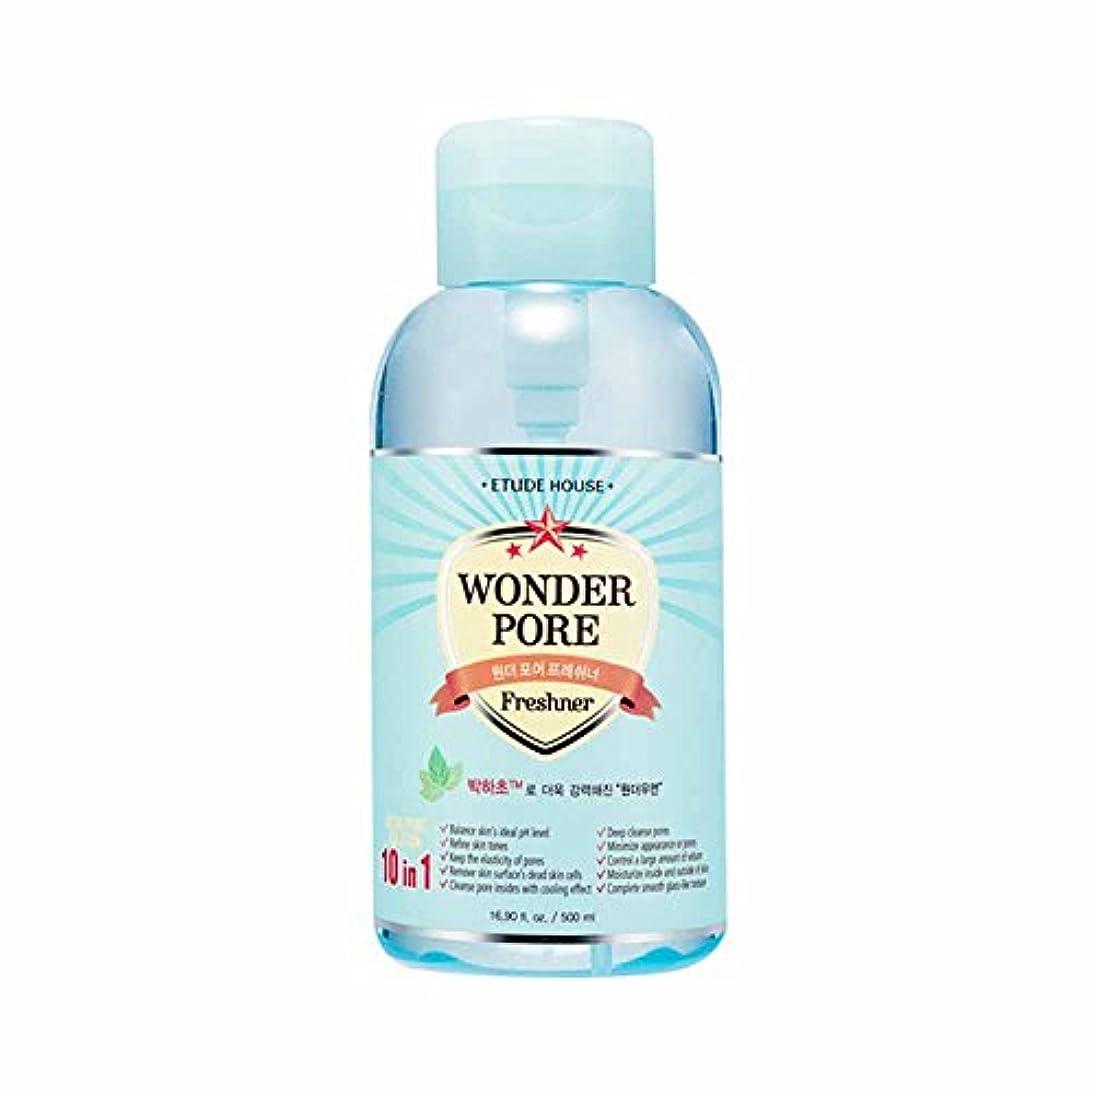 (3 Pack) ETUDE HOUSE Wonder Pore Freshner 10 in 1,500 mL (並行輸入品)